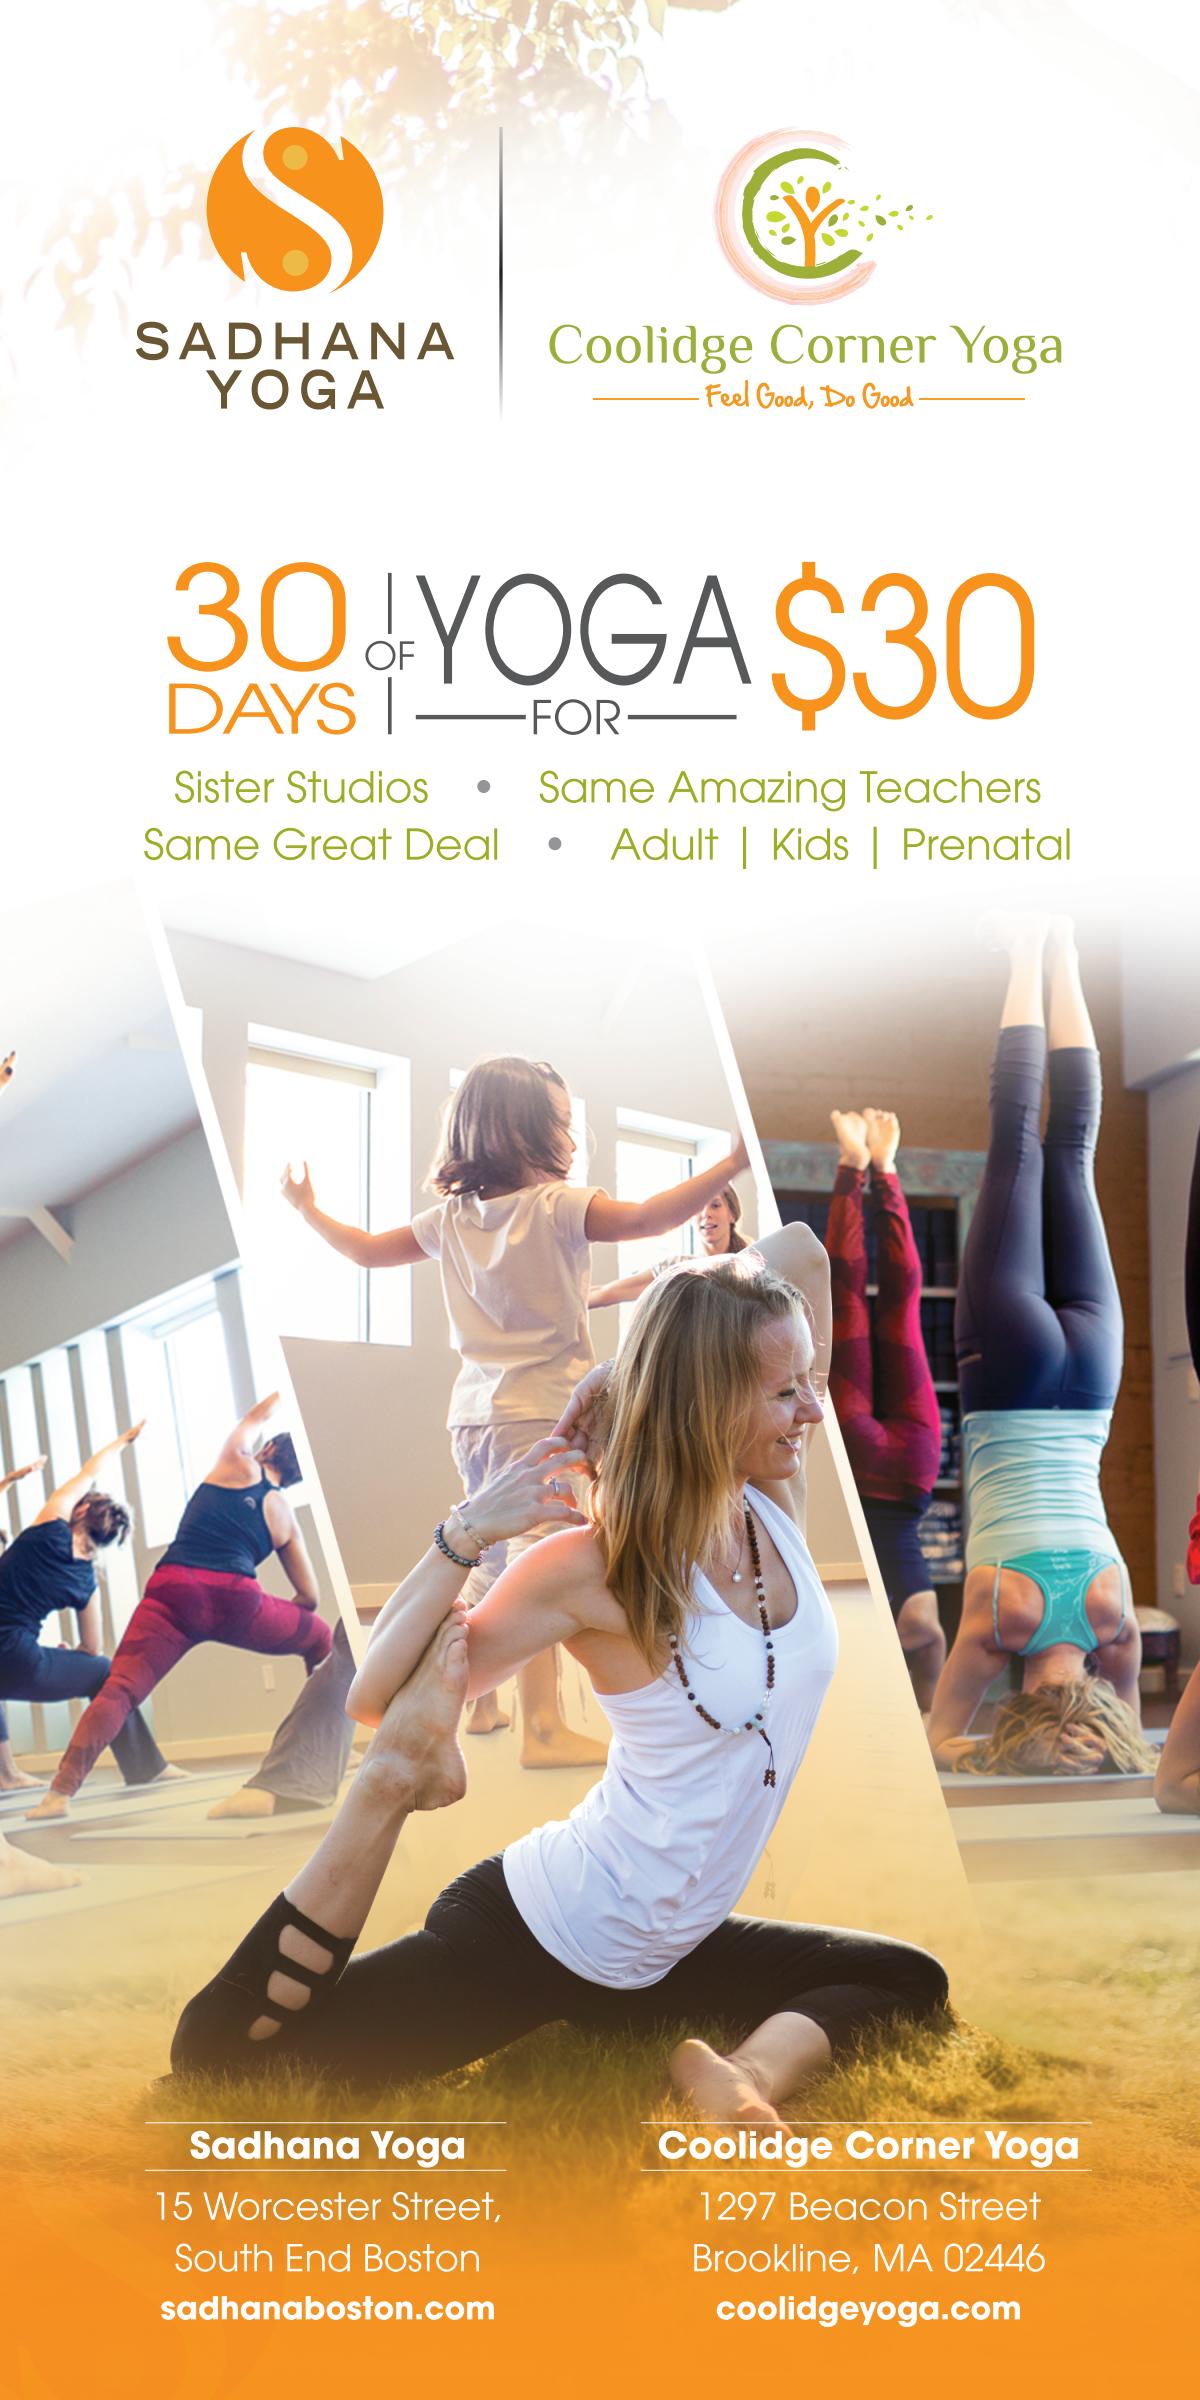 Sadhana and Coolidge Corner Yoga Magazine Ad